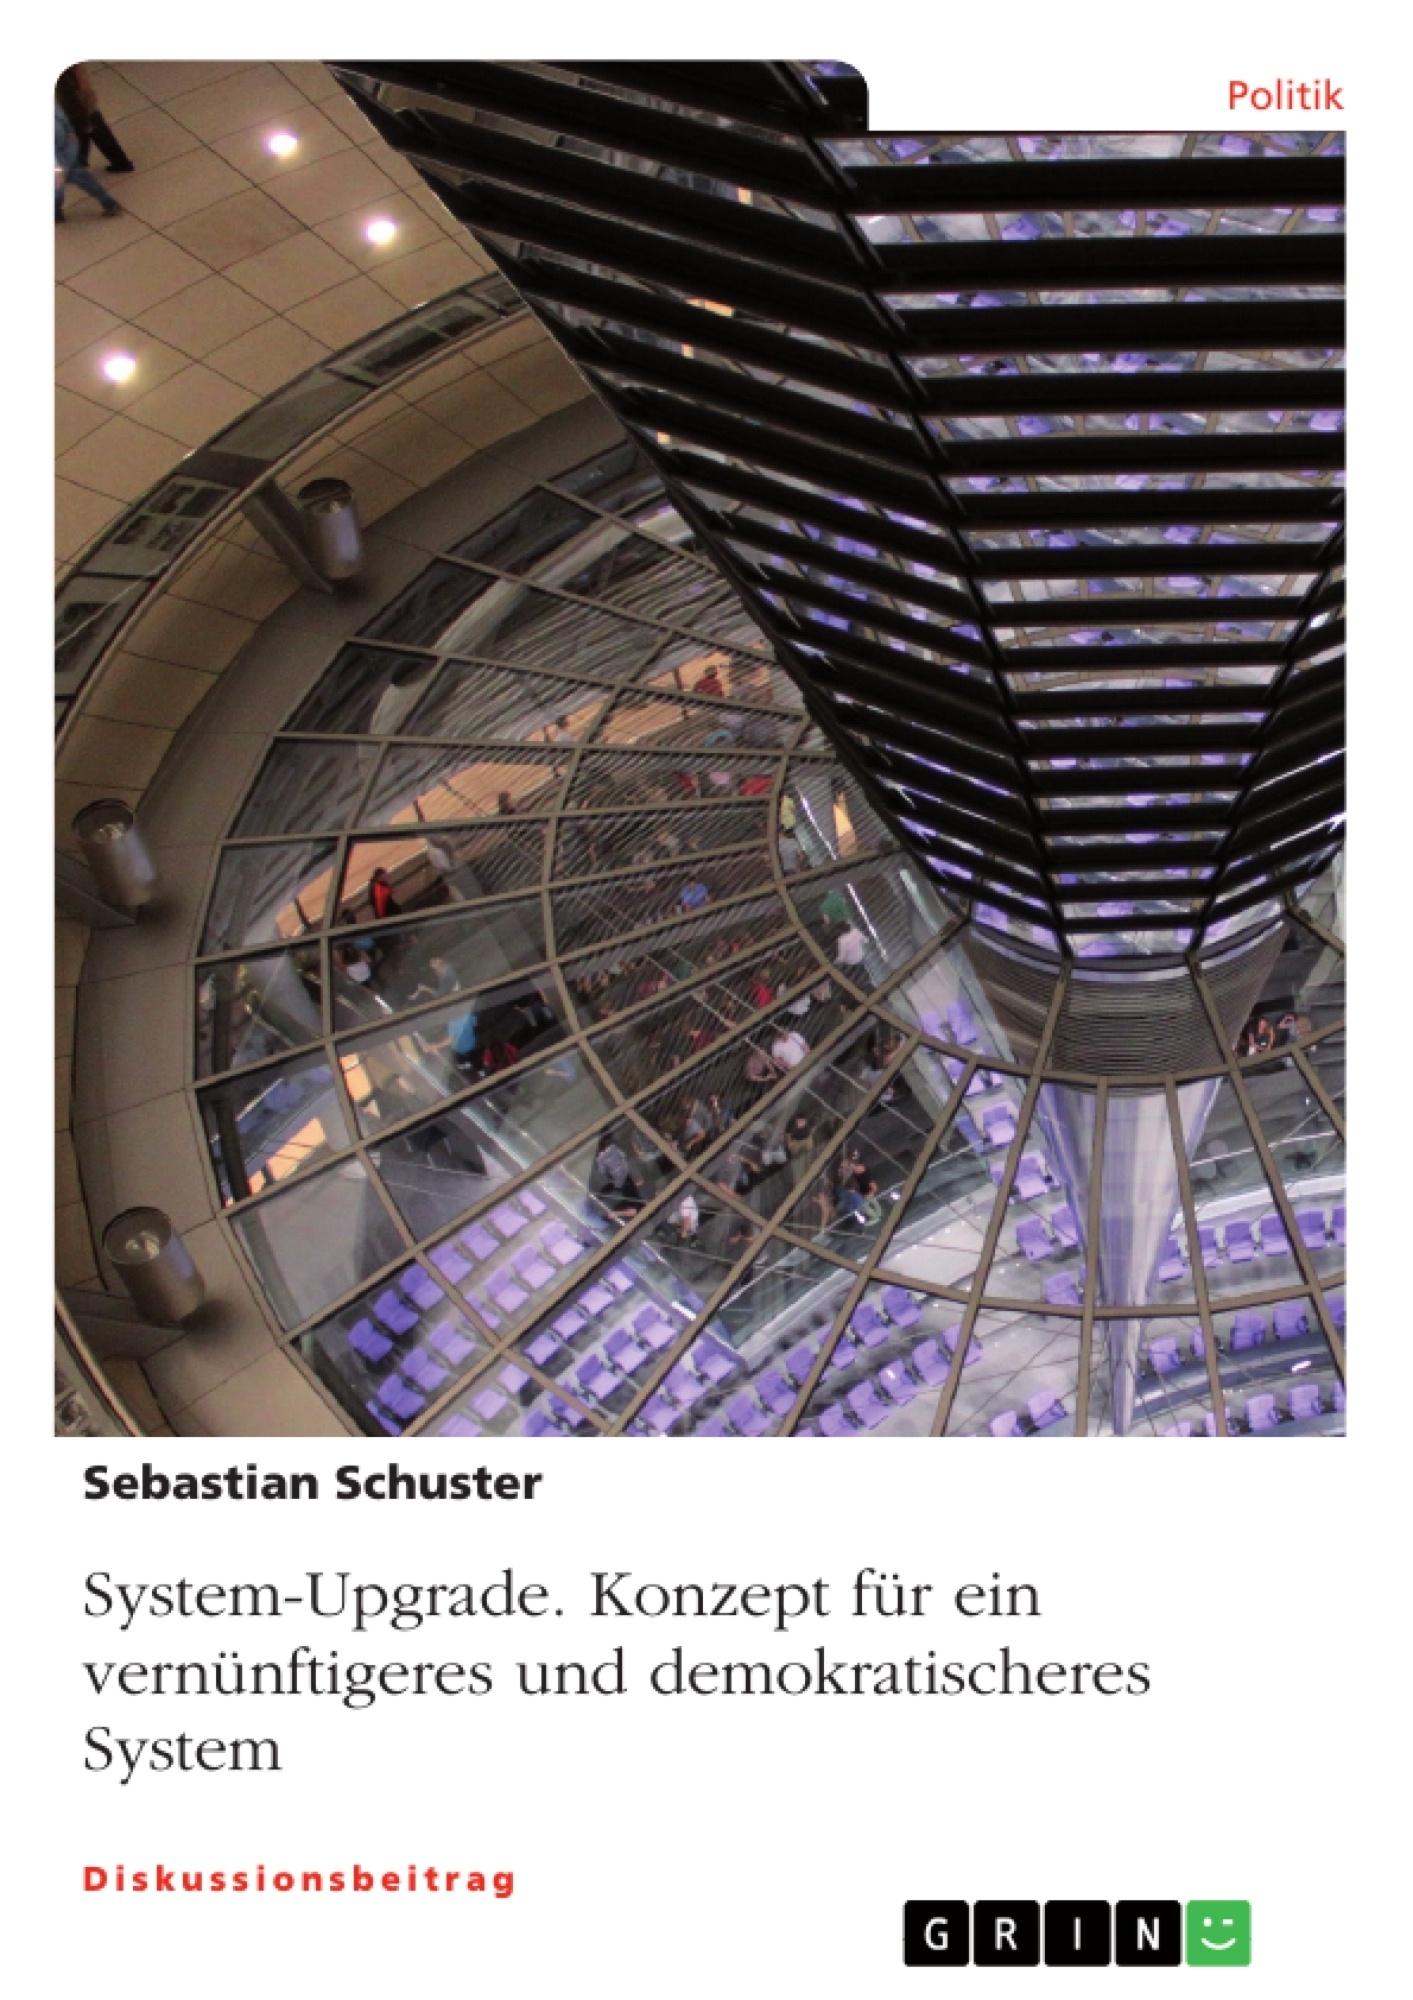 Titel: System-Upgrade. Konzept für ein vernünftigeres und demokratischeres System